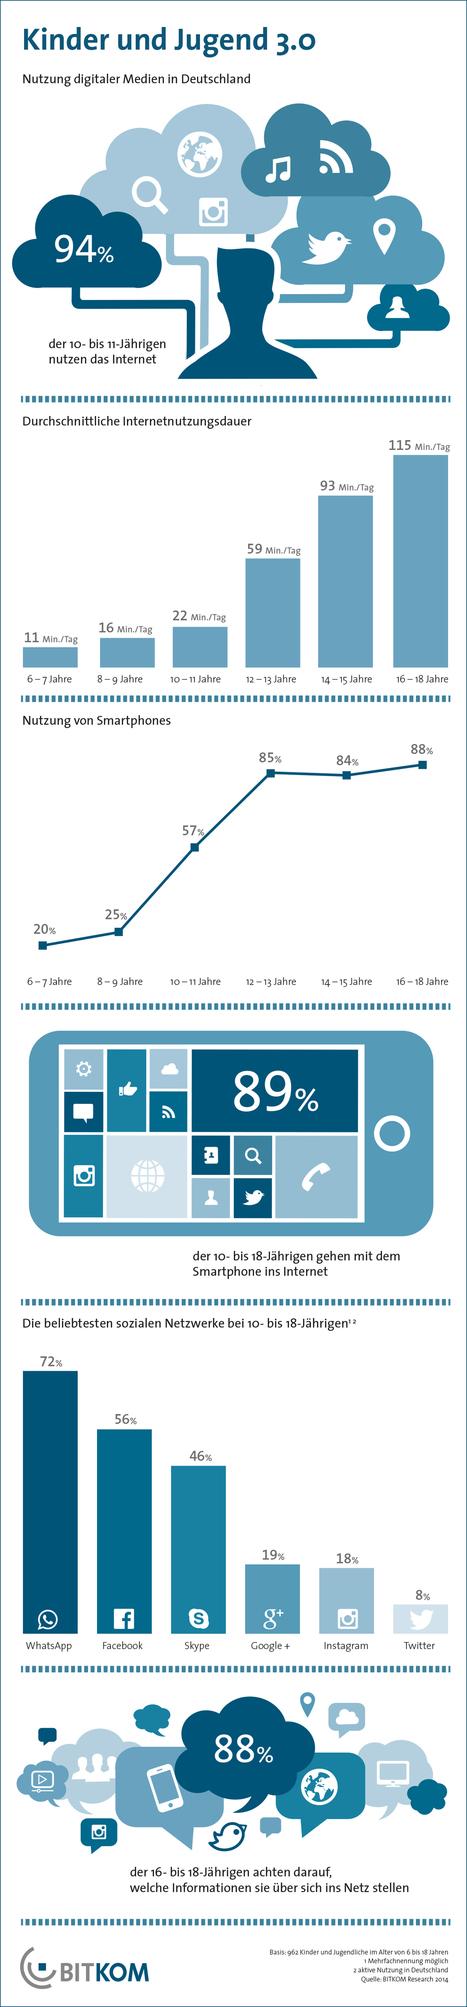 Infografik: Smartphone und Internet gehören für Kinder zum Alltag | Linkdumping | Scoop.it